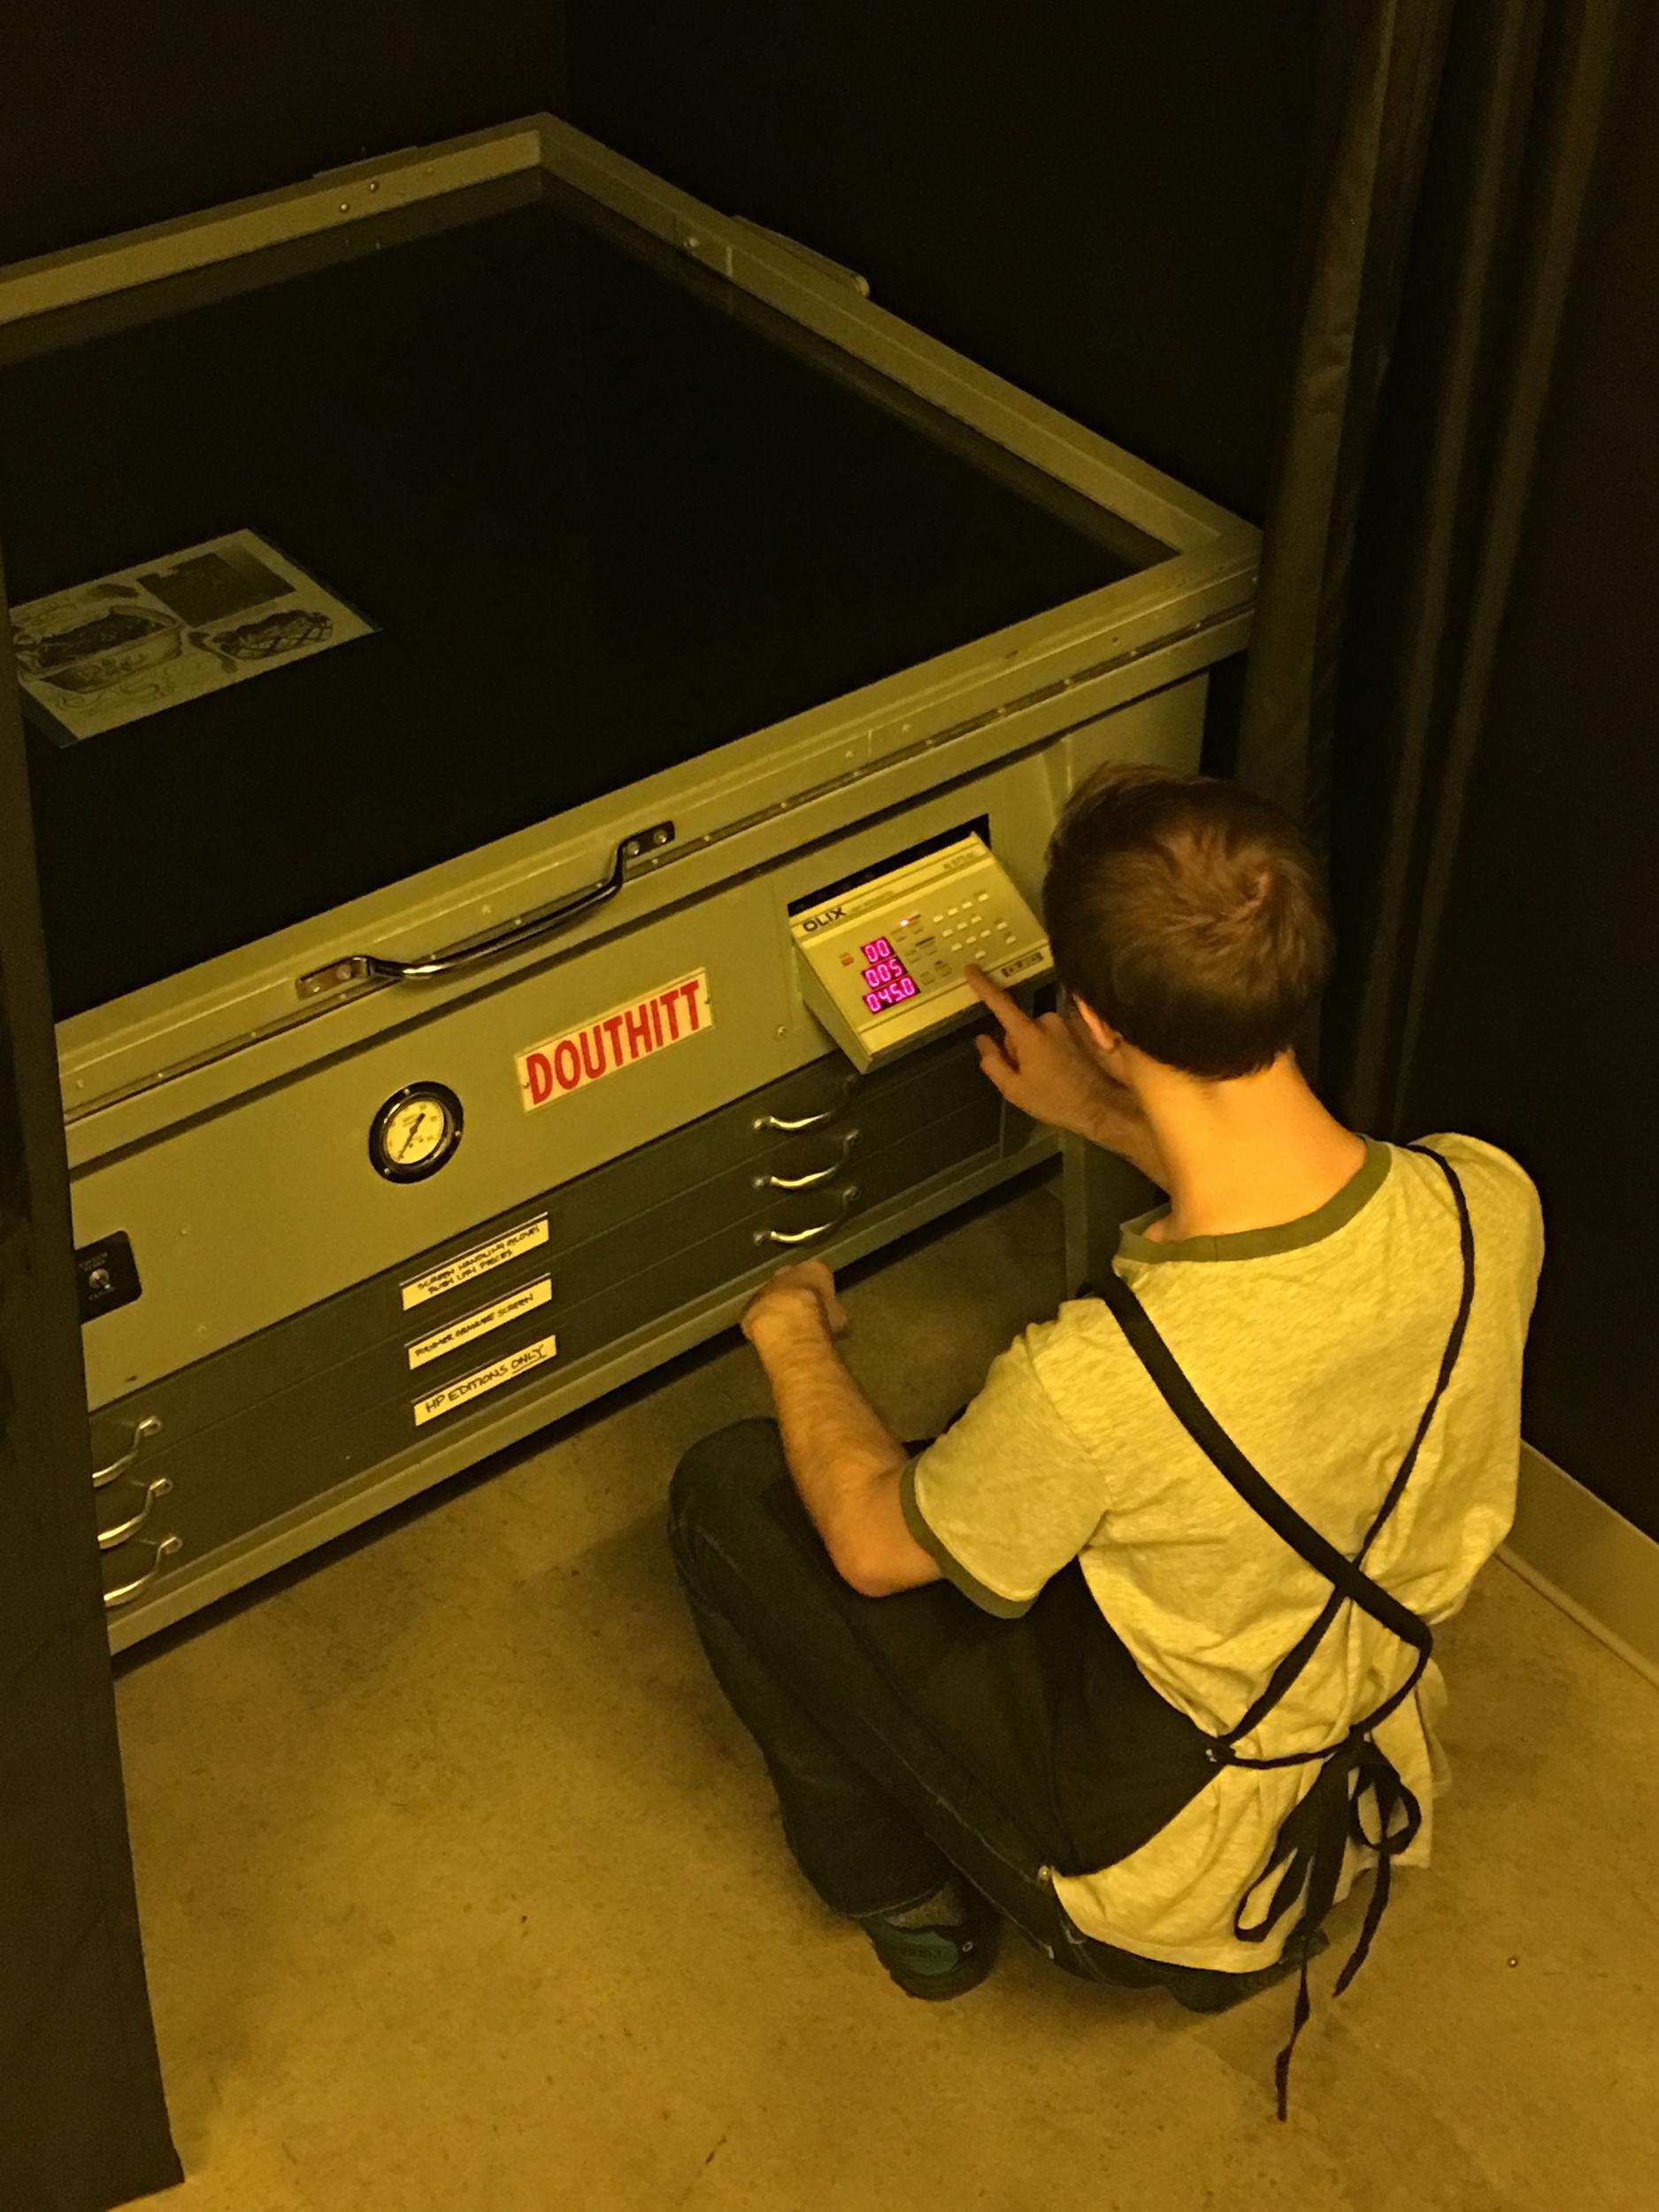 Photolitho exposure unit